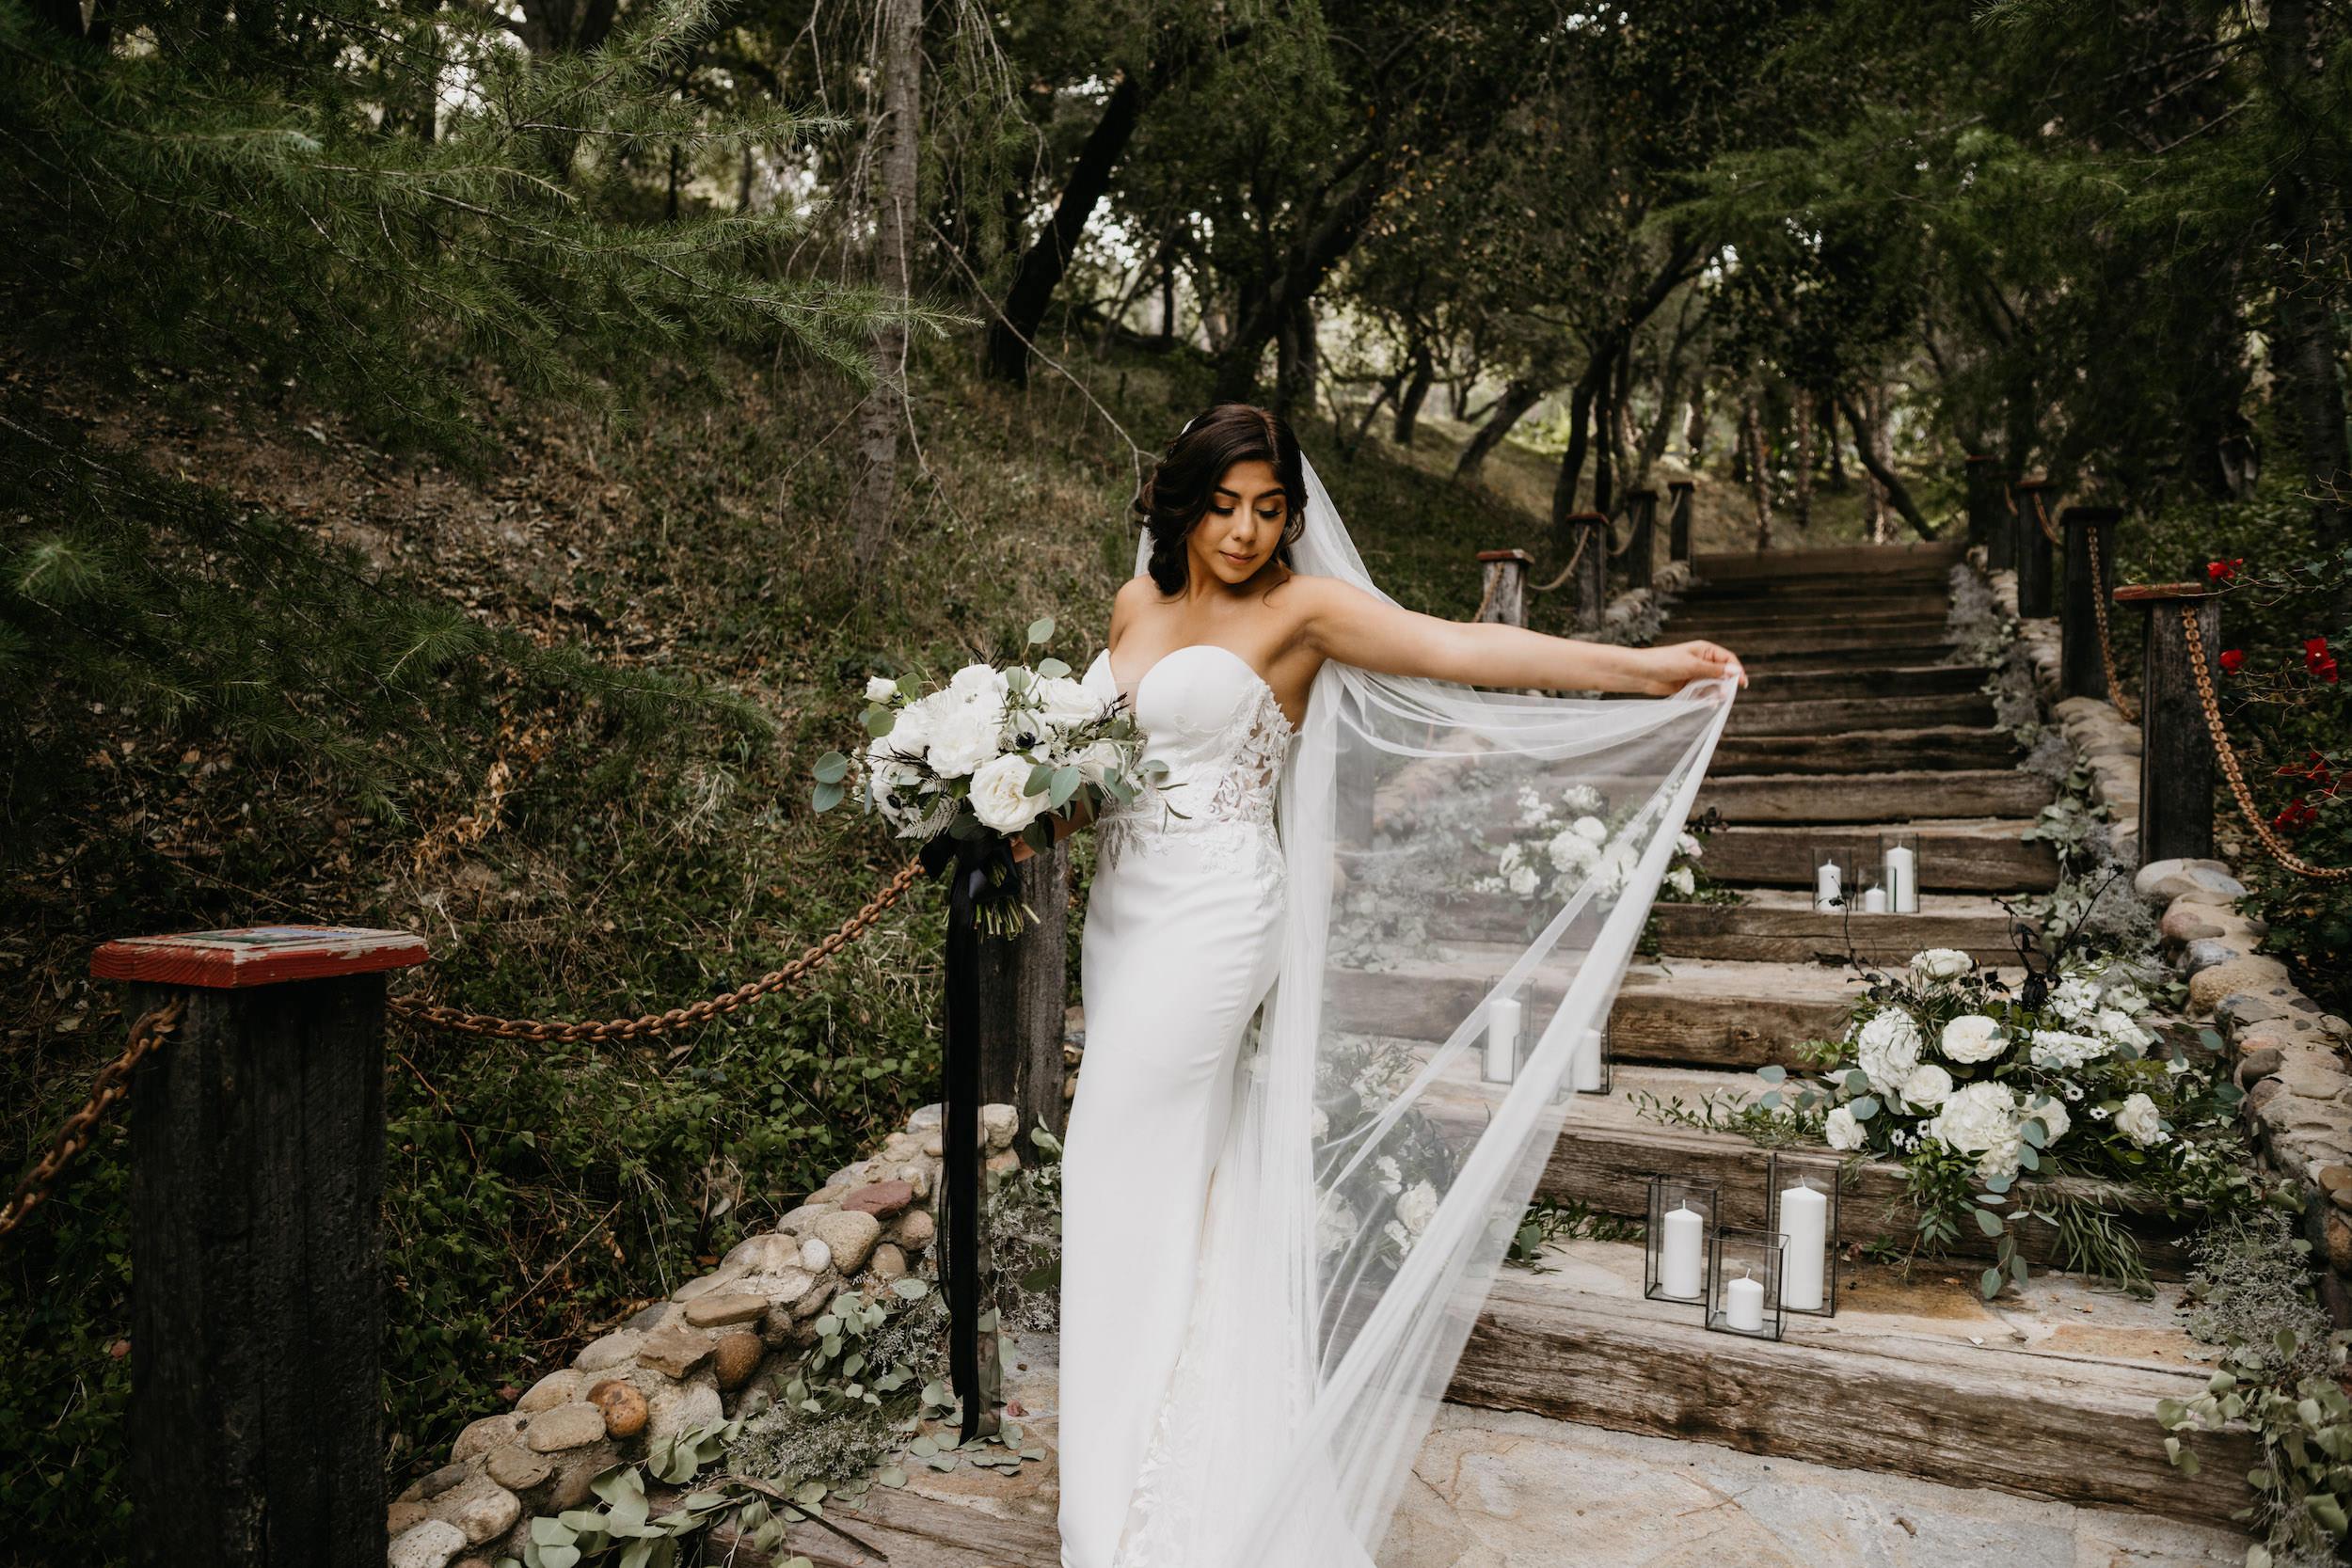 Bride Portrait in Rancho Las Lomas Wedding, image by Fatima Elreda Photo